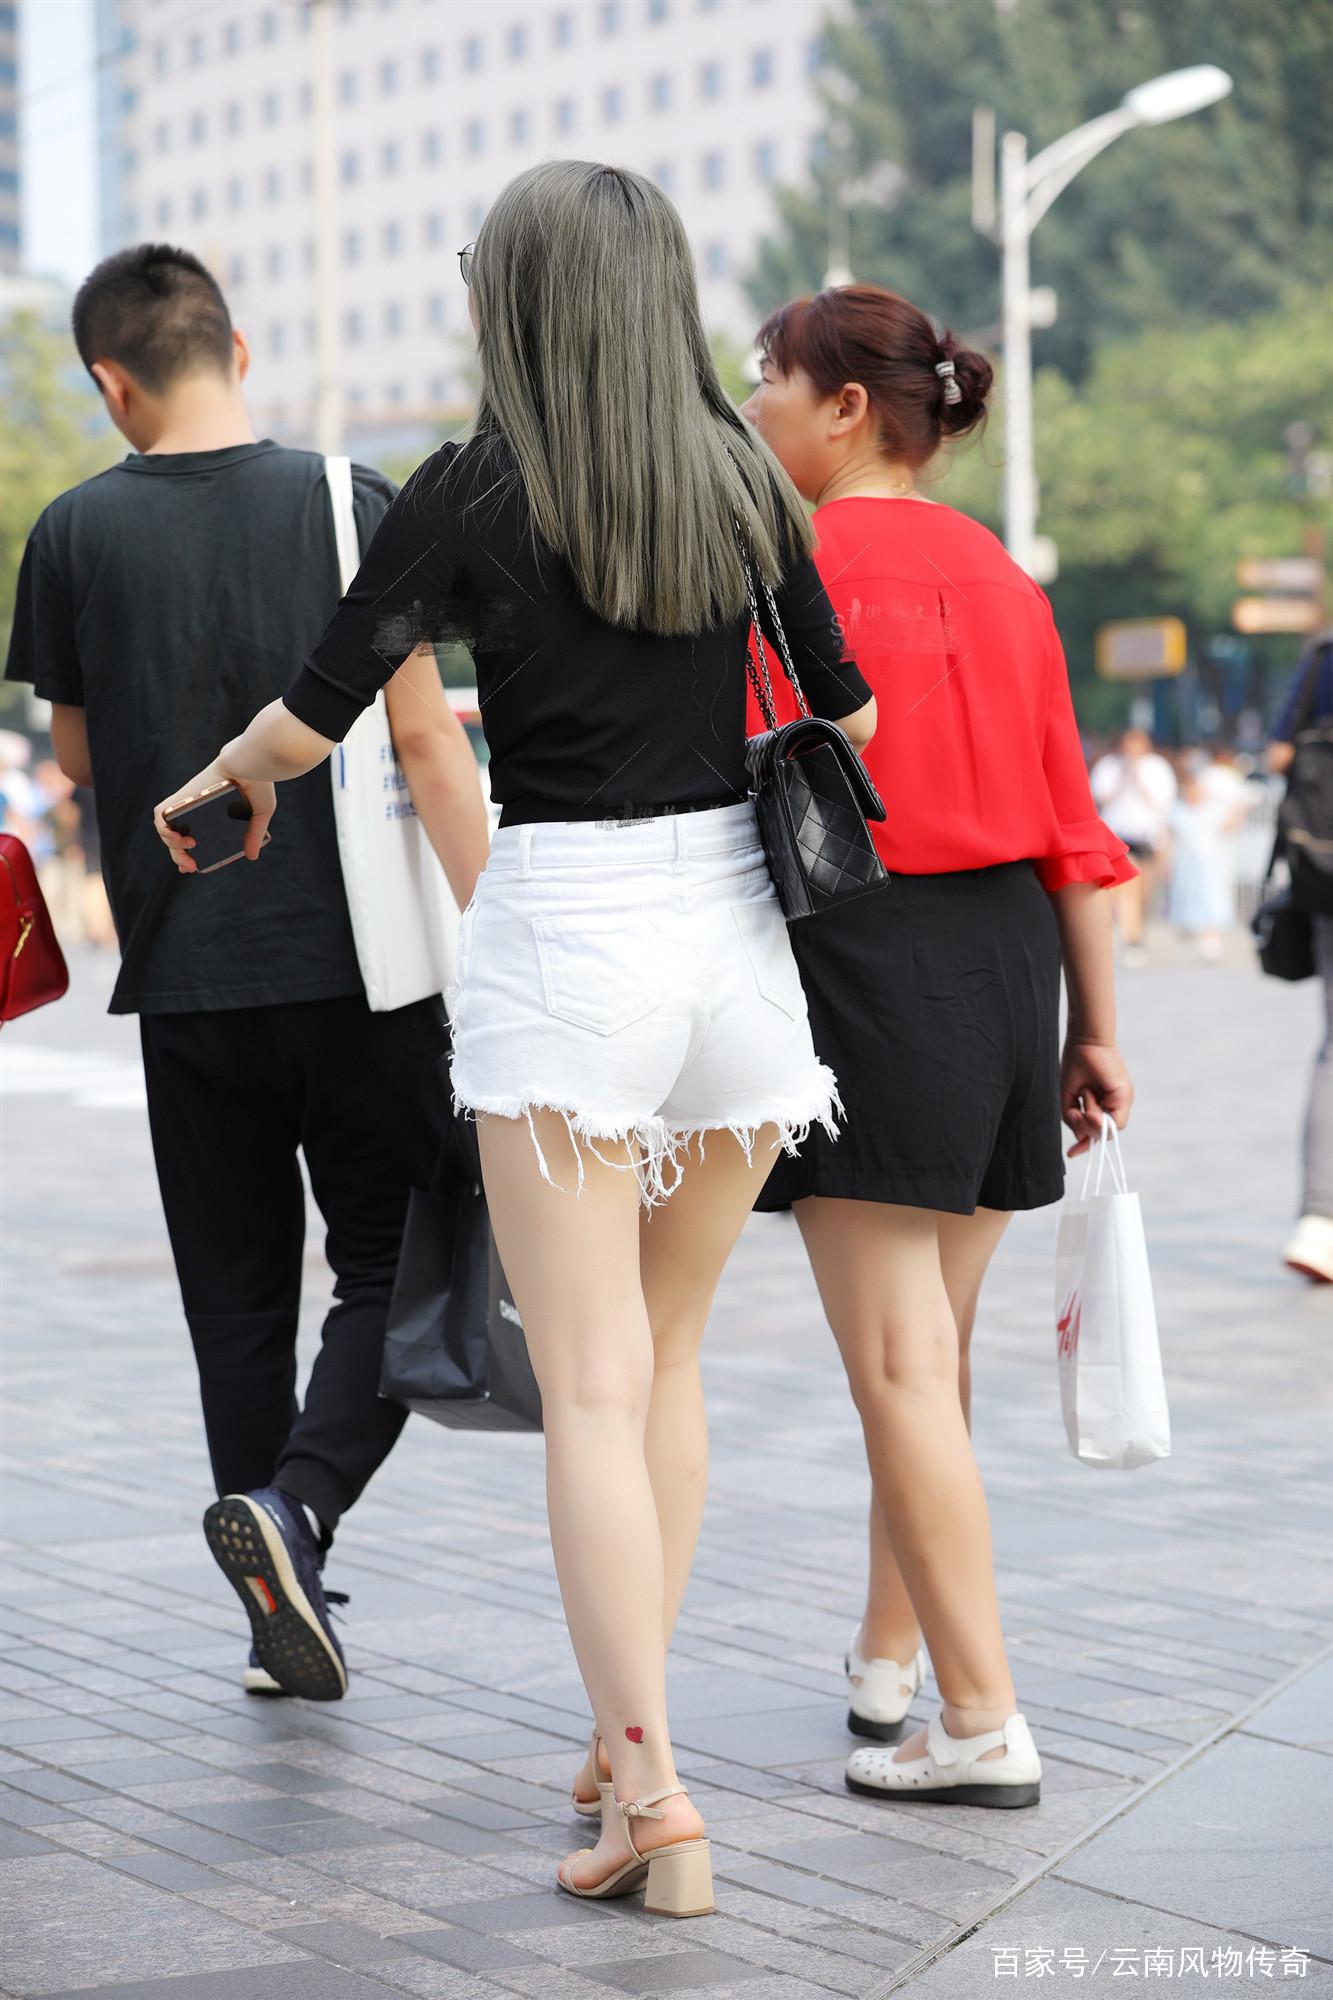 街拍:白色牛仔短裤把大长腿显露无疑,难怪是小姐姐最爱流行单品